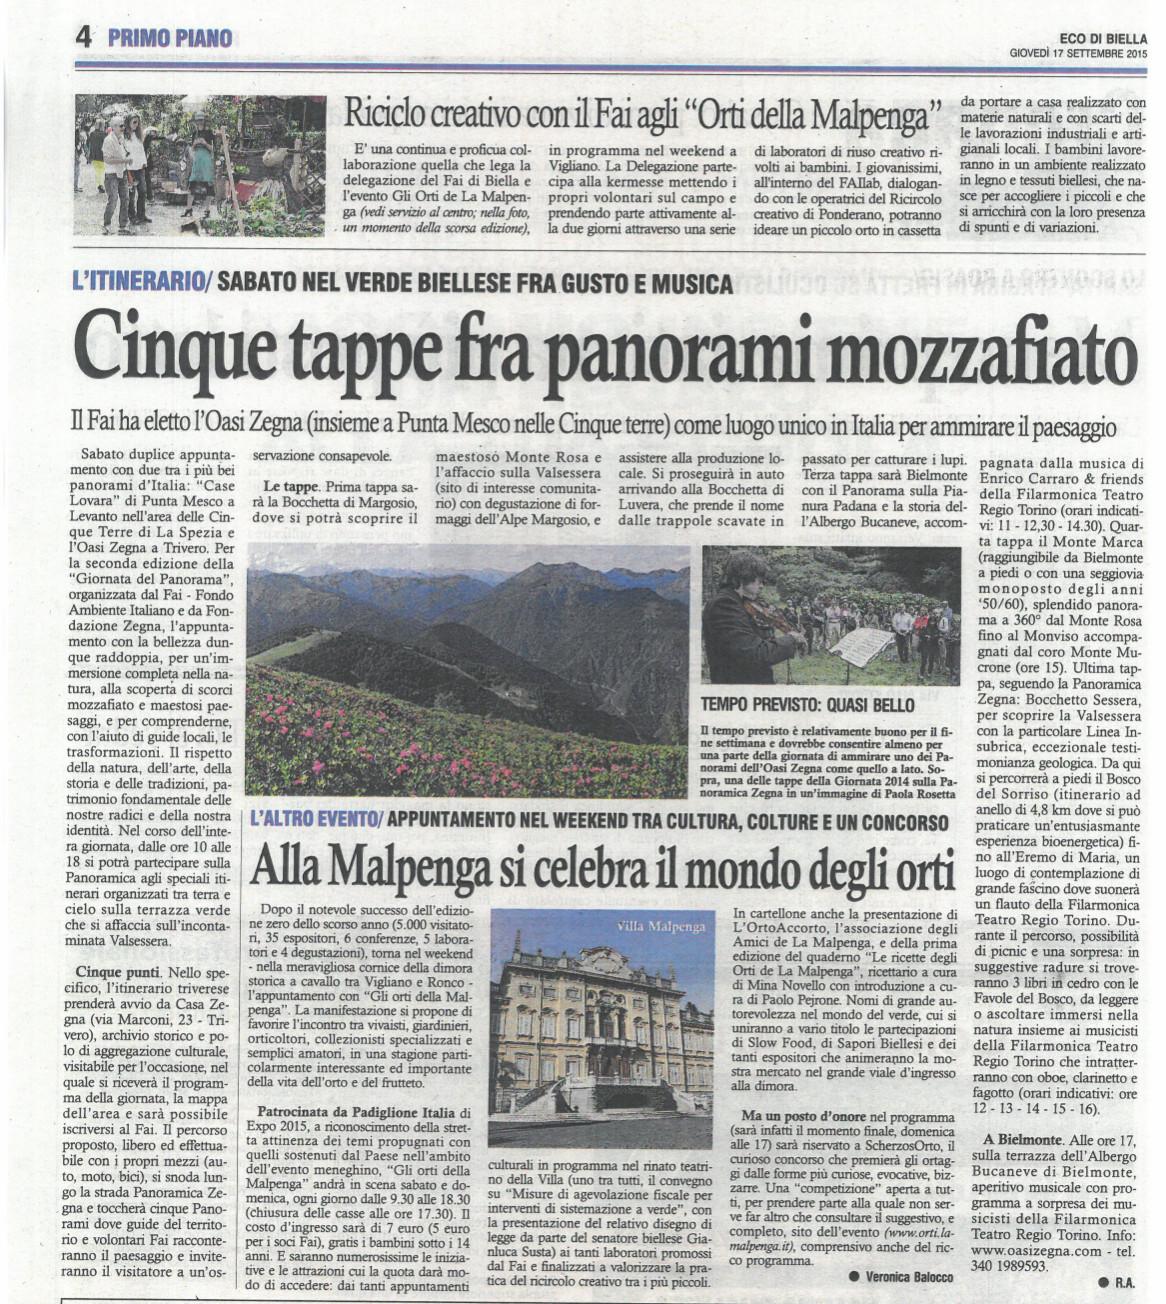 Gli Orti de La Malpenga - Rassegna stampa 81b738847be